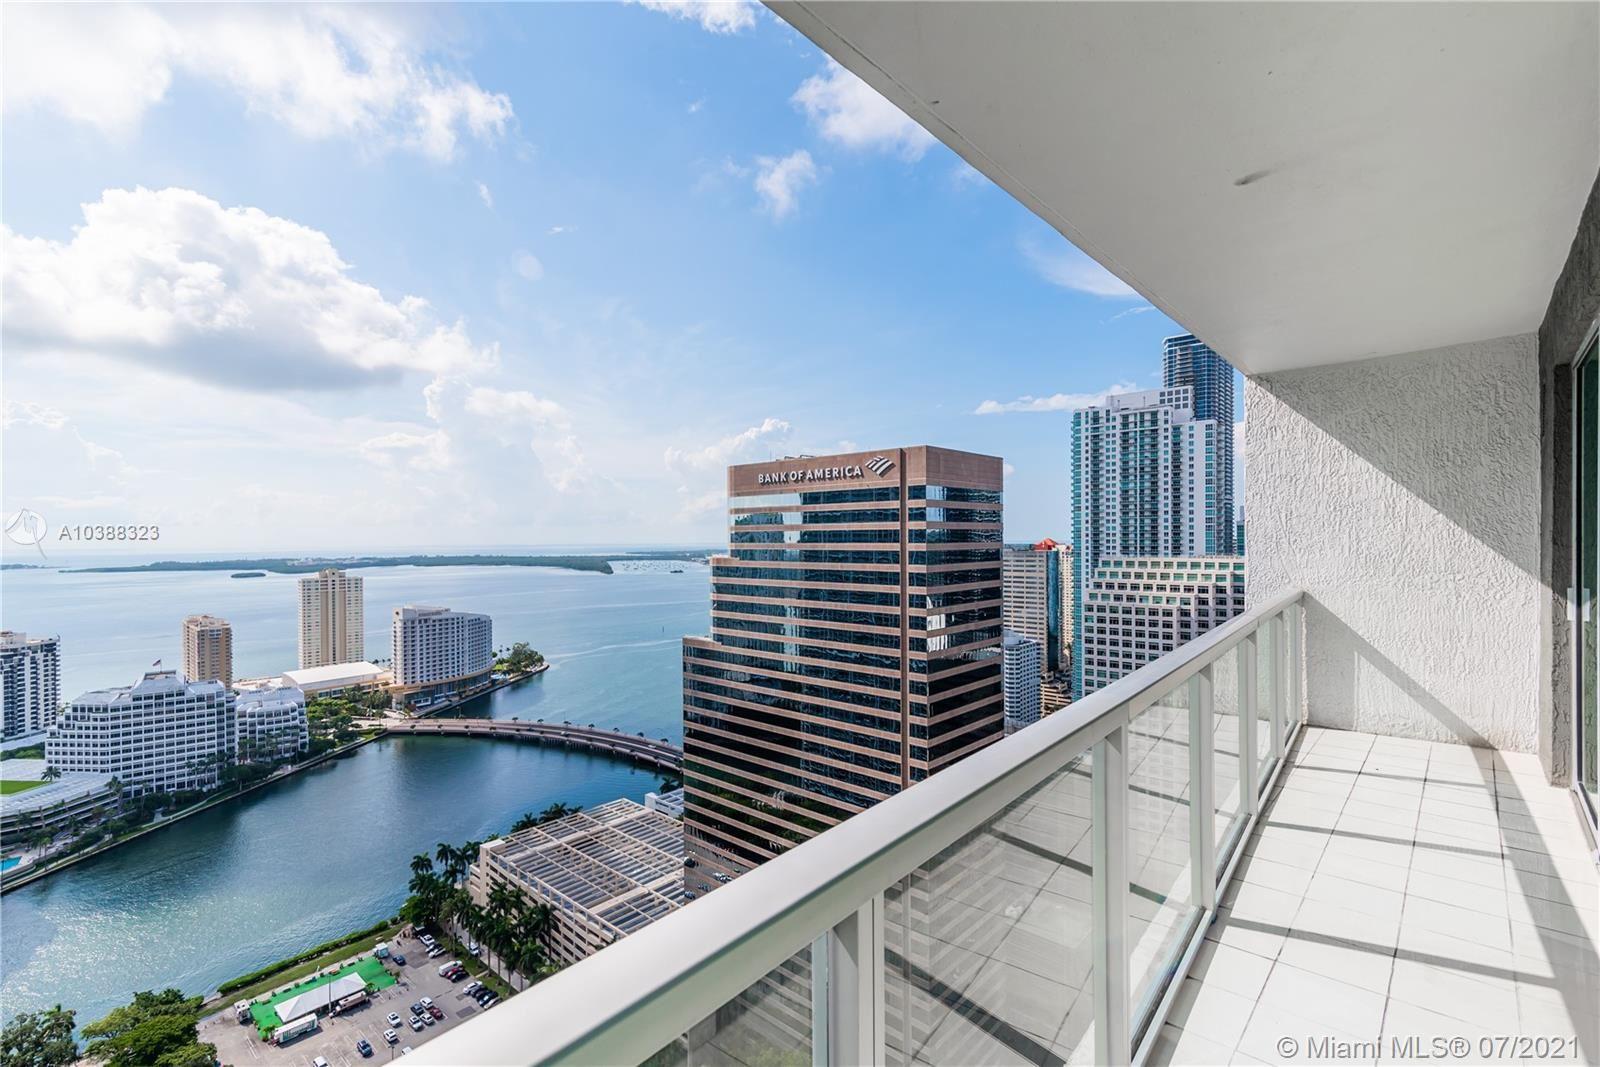 500 BRICKELL AVE #4101, Miami, FL 33131 - #: A10388323